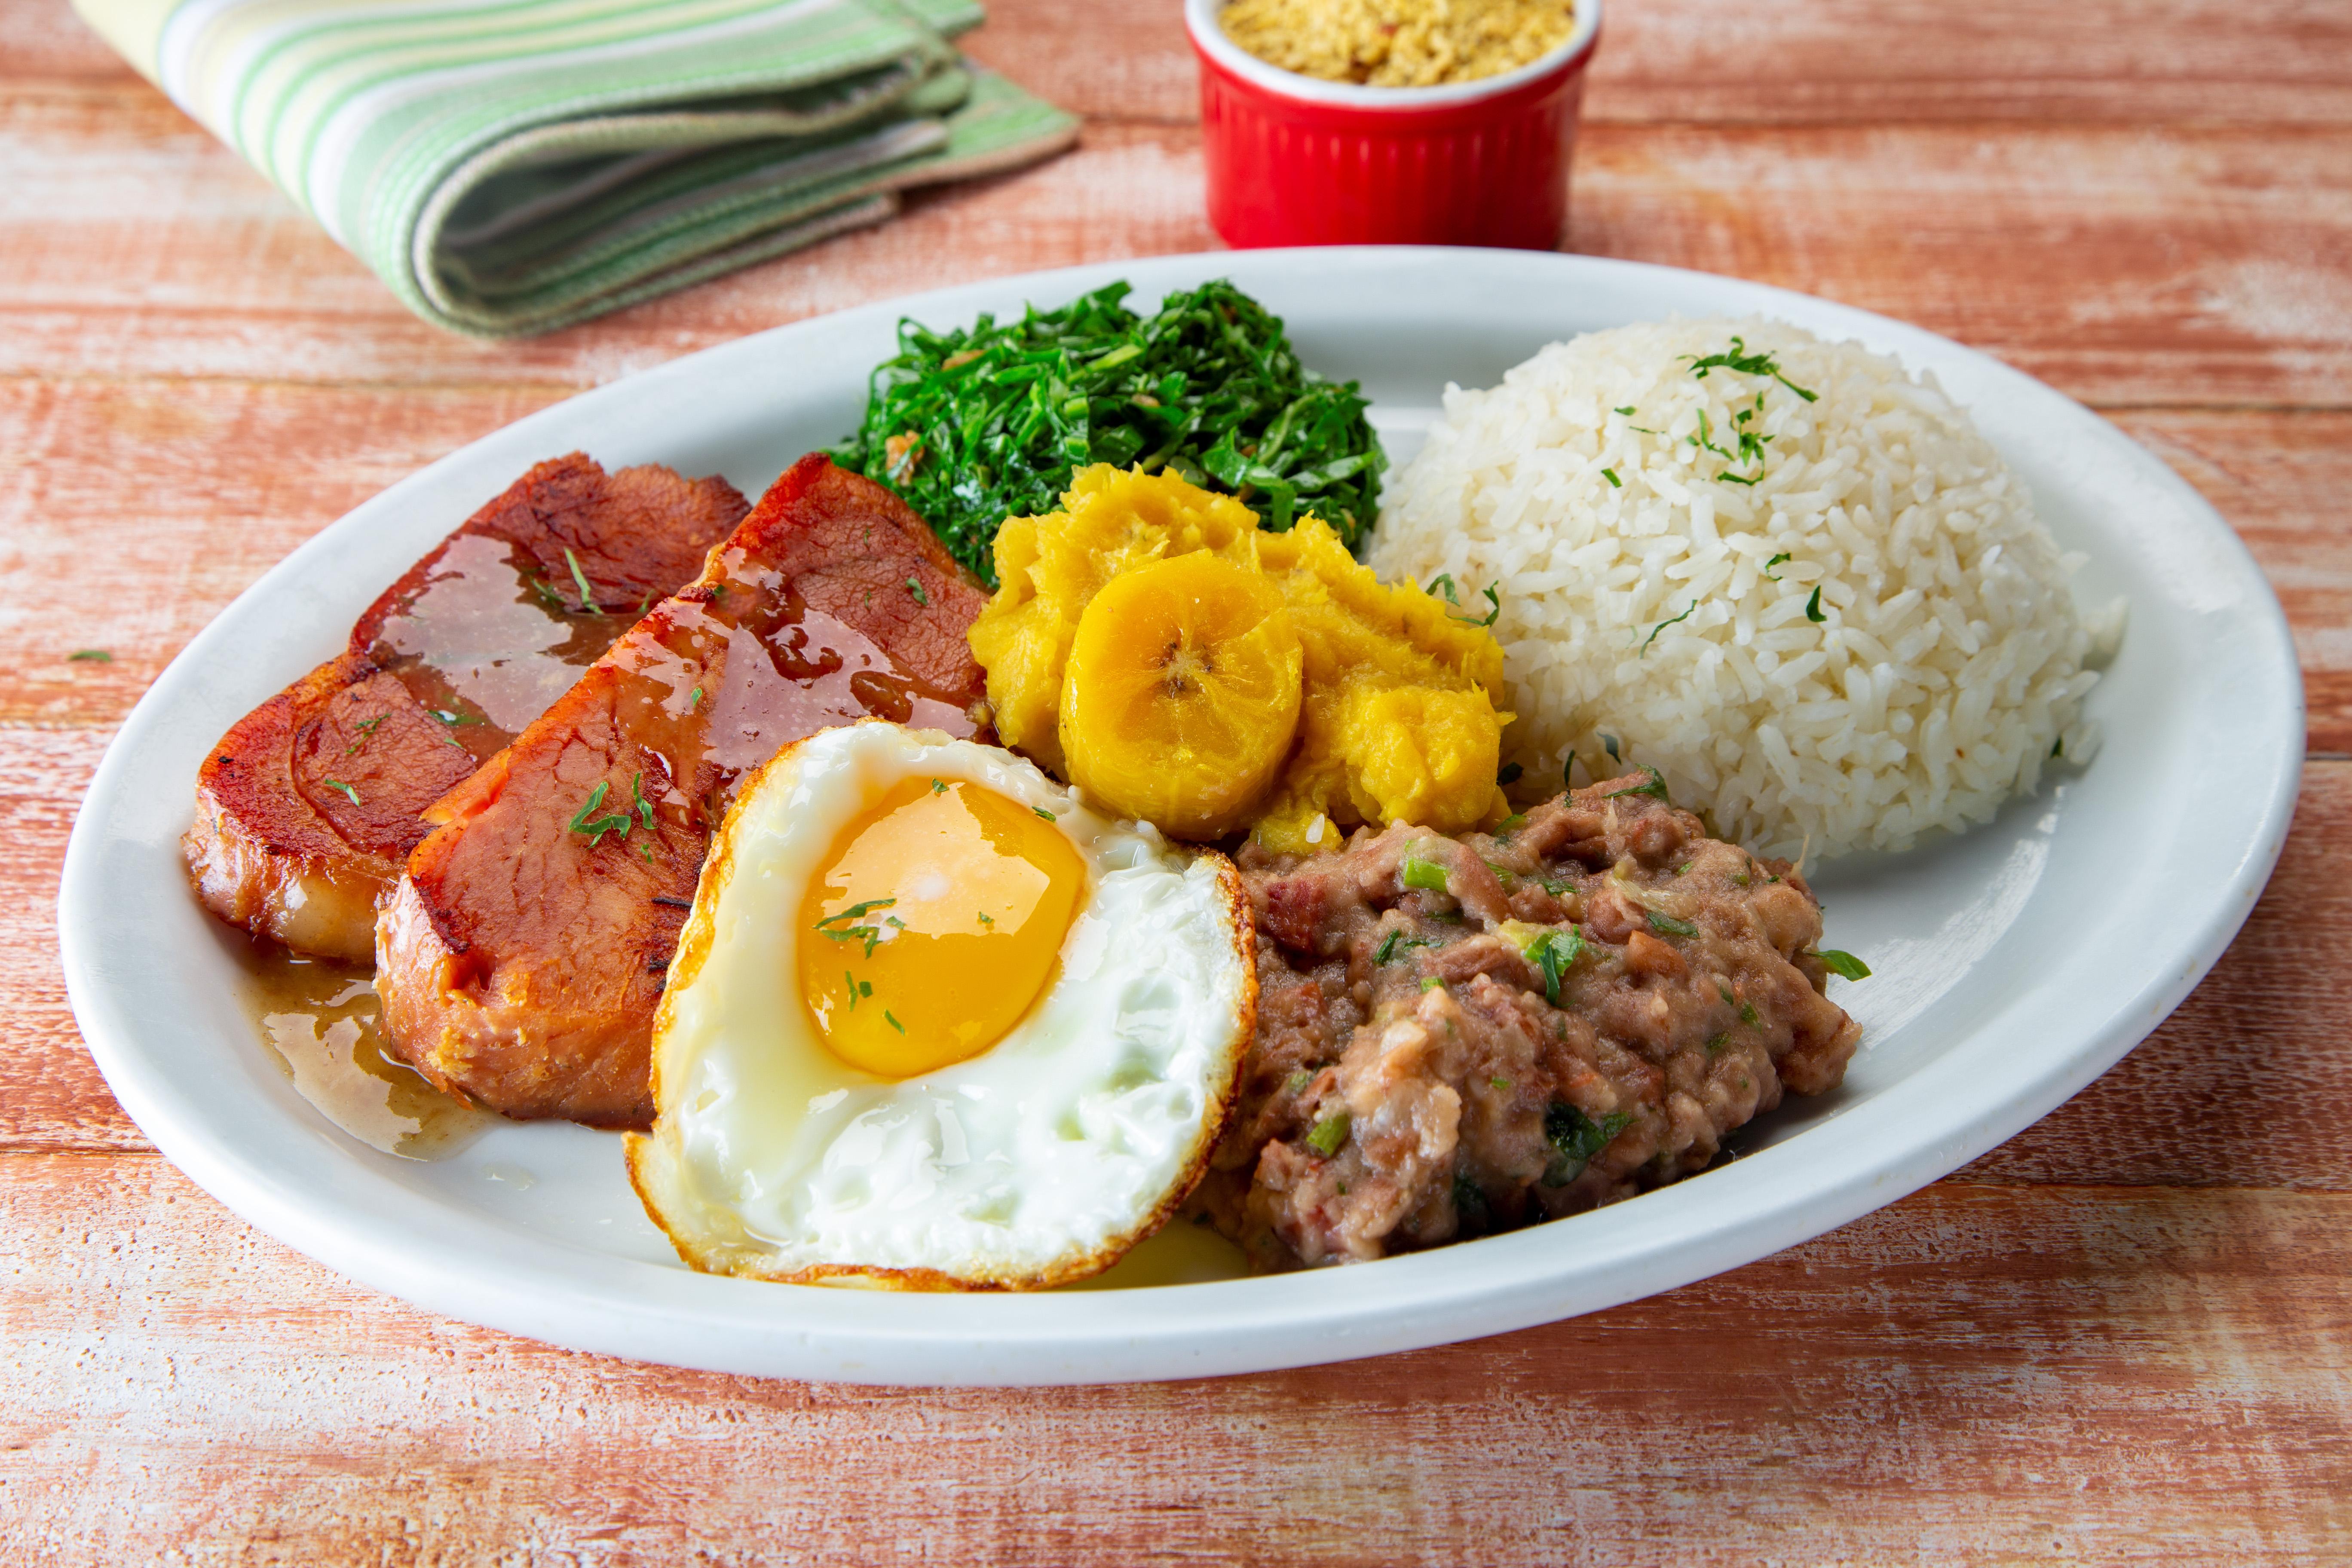 Virado à paulista: com pancetta assada, purê de banana-da-terra, couve-manteiga refogada, arroz, tutu de feijão e ovo frito